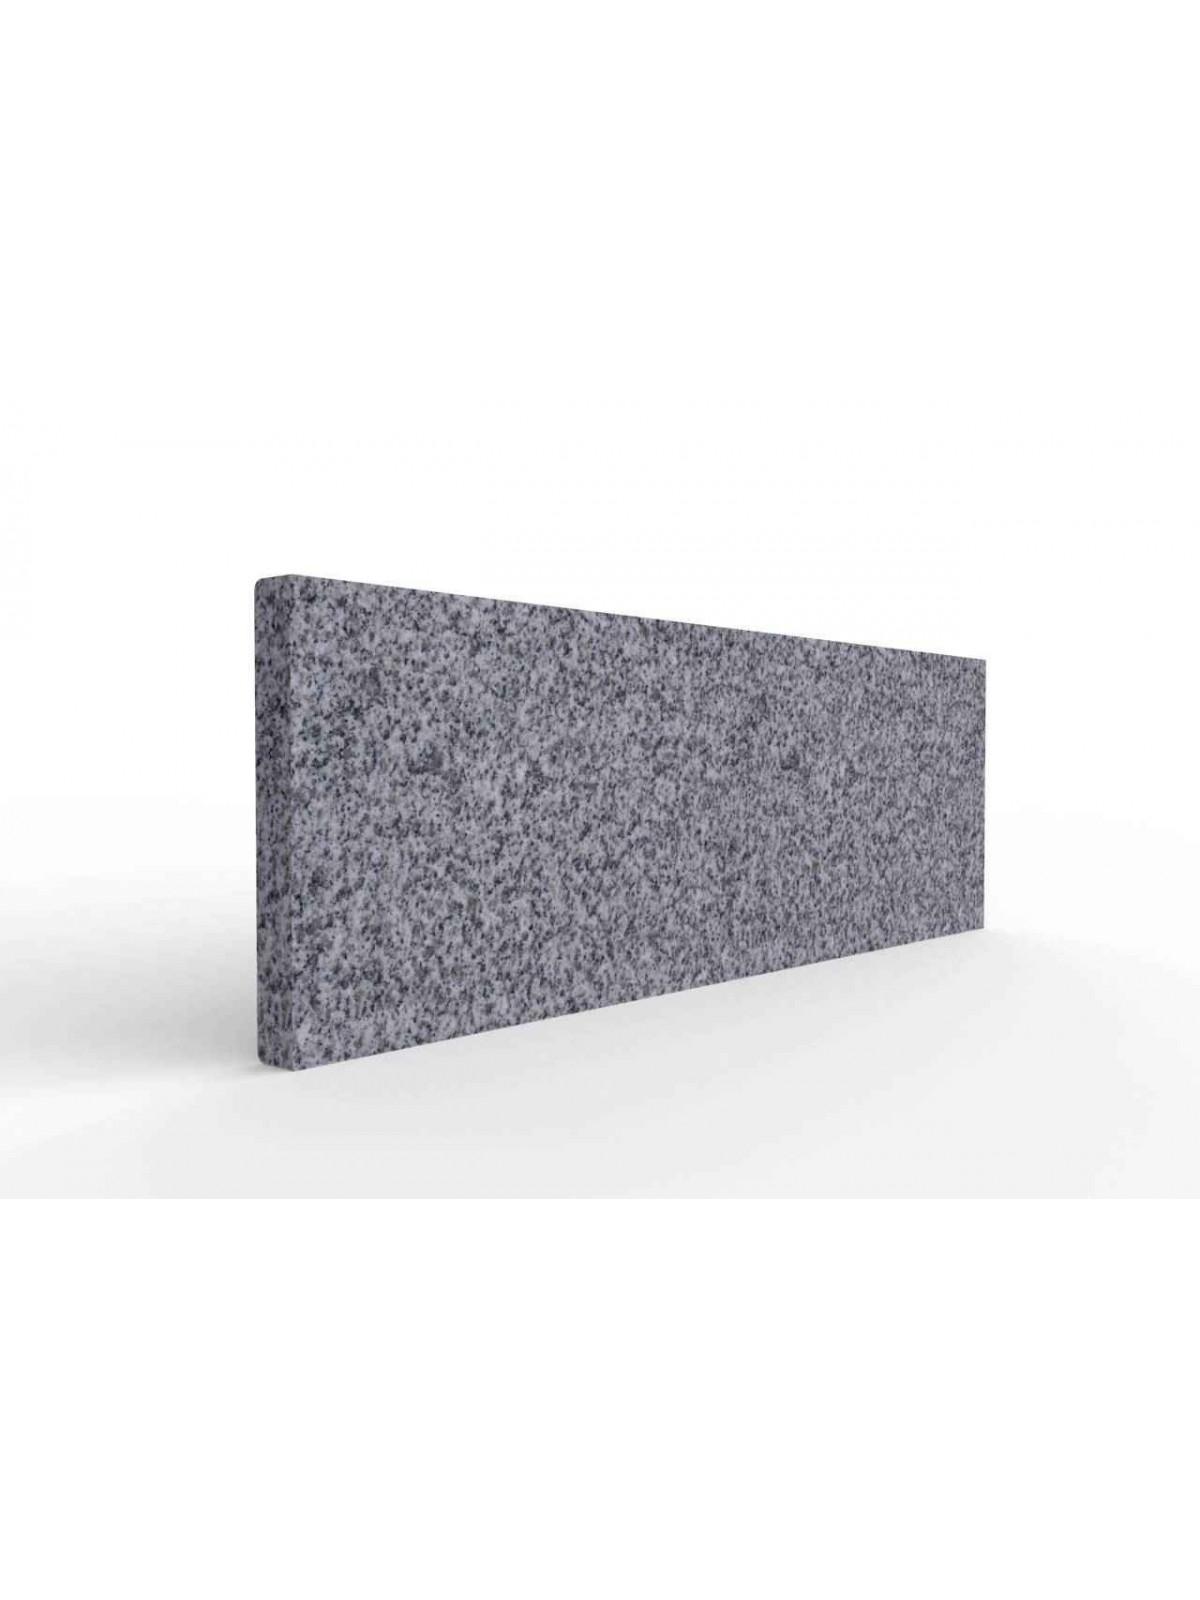 Zoccolini in beola carrara serizzo diorite scura for Zoccolini in pietra